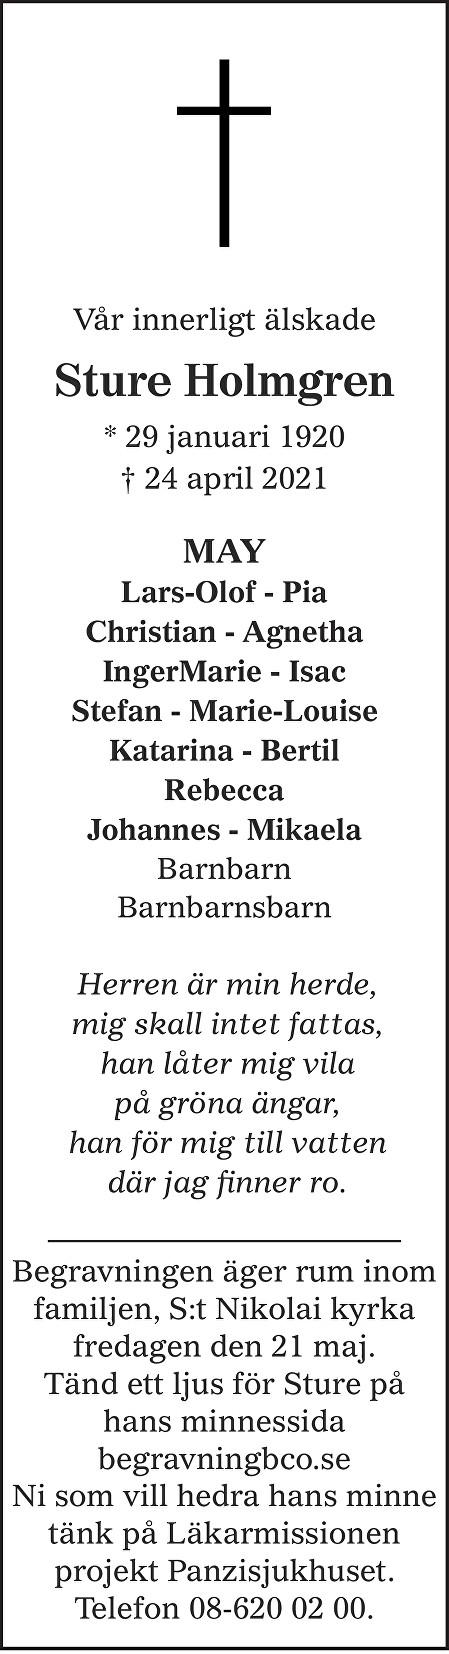 Sture  Holmgren Death notice